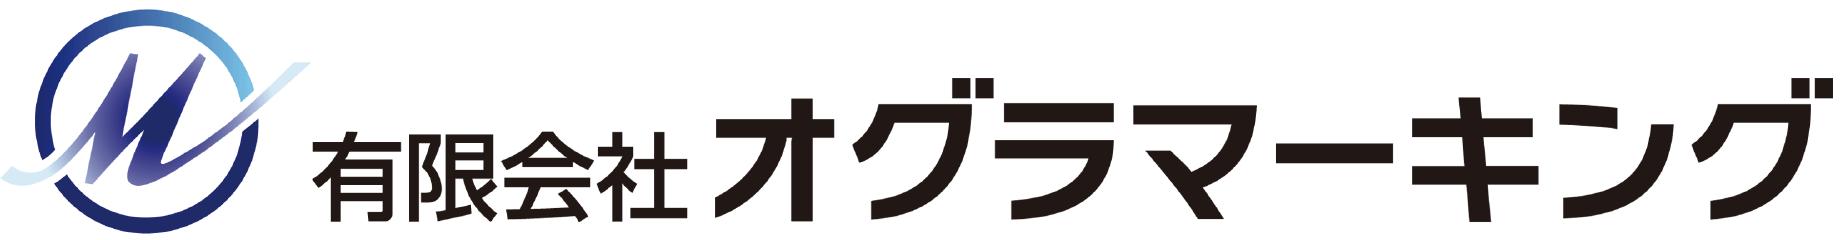 オグラマーキングのロゴ